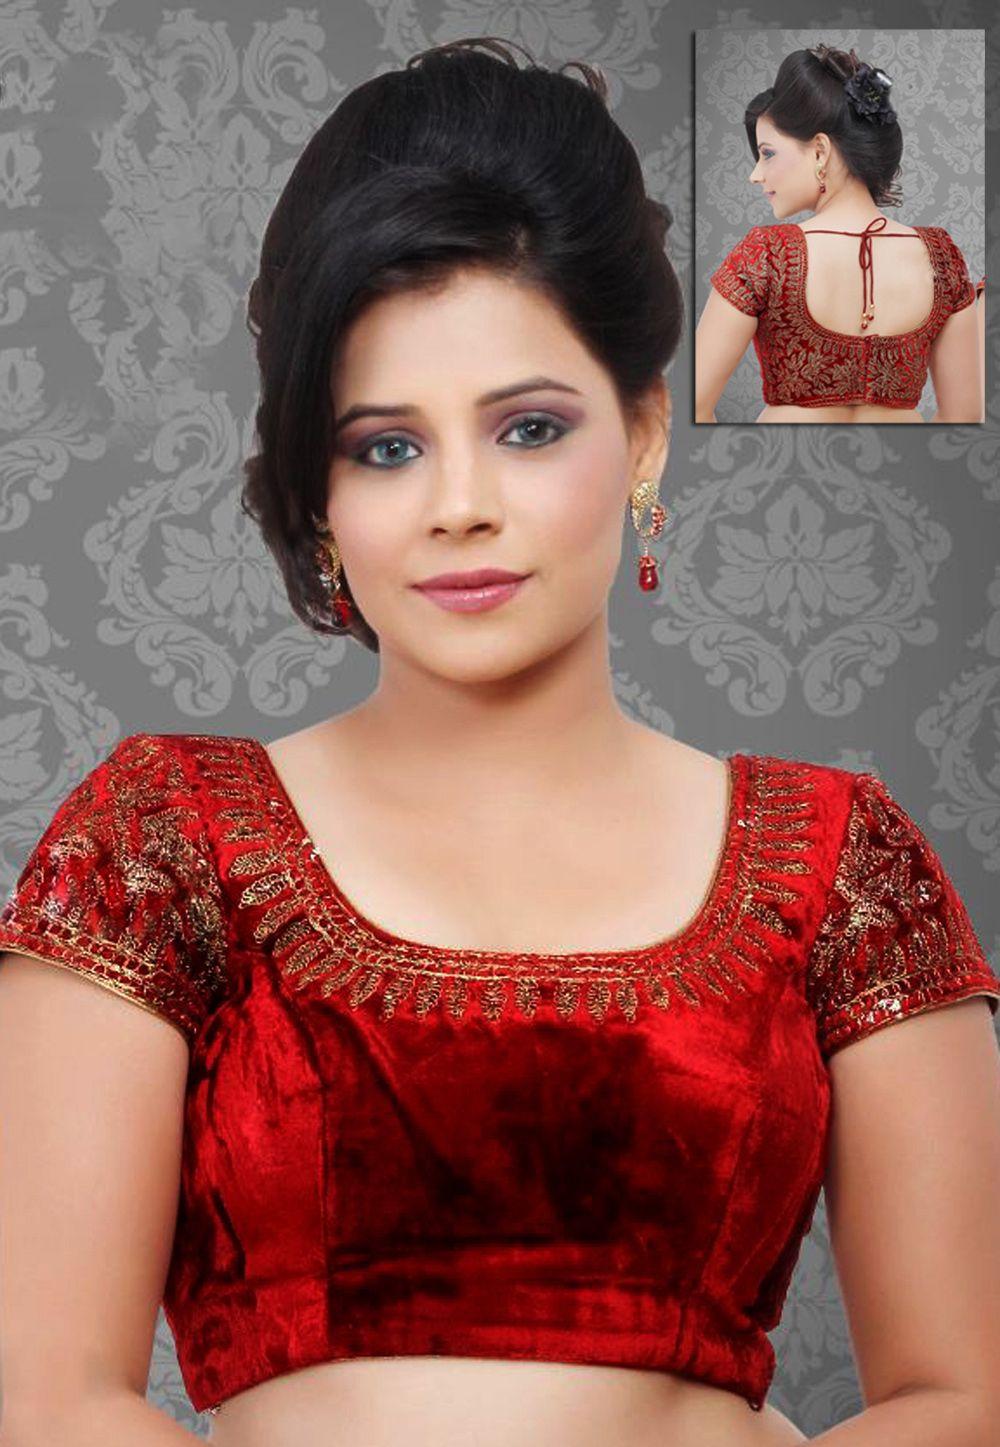 096ed8873819e8 Red #Velvet Readymade #Blouse @ $123.11 | Blouse Pattern Online in ...